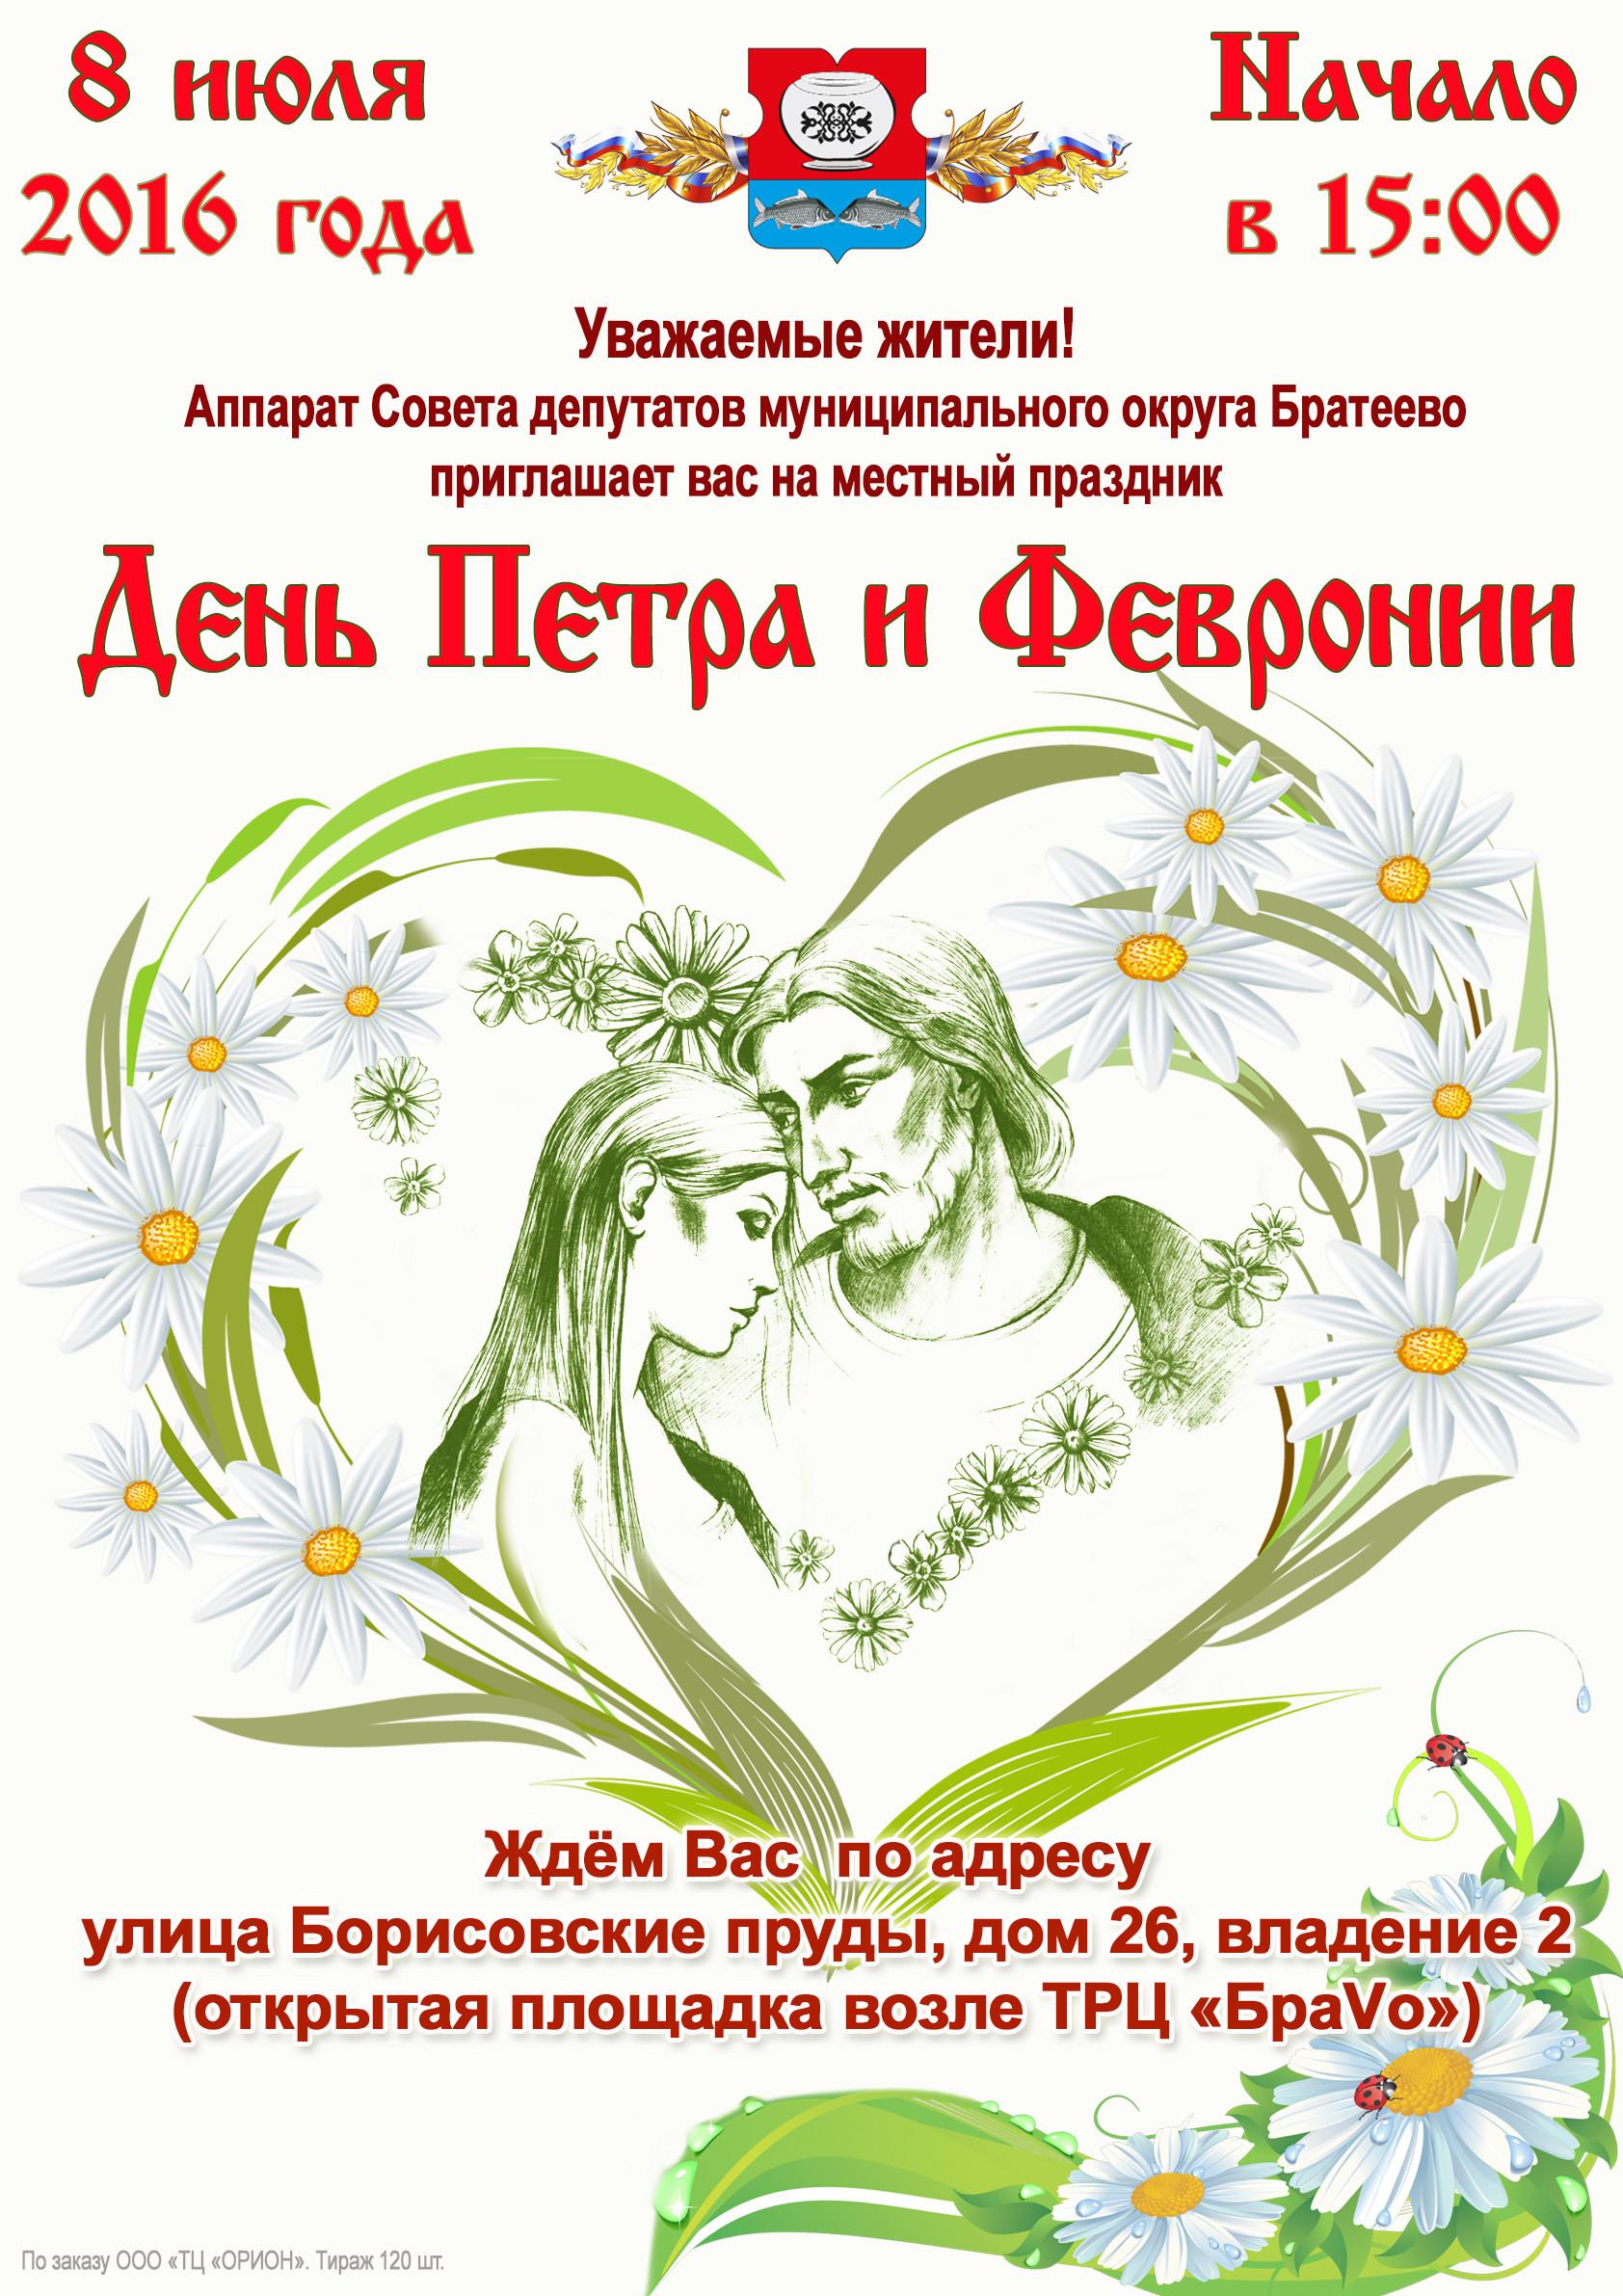 Поздравления с православным праздником петра и февронии 1